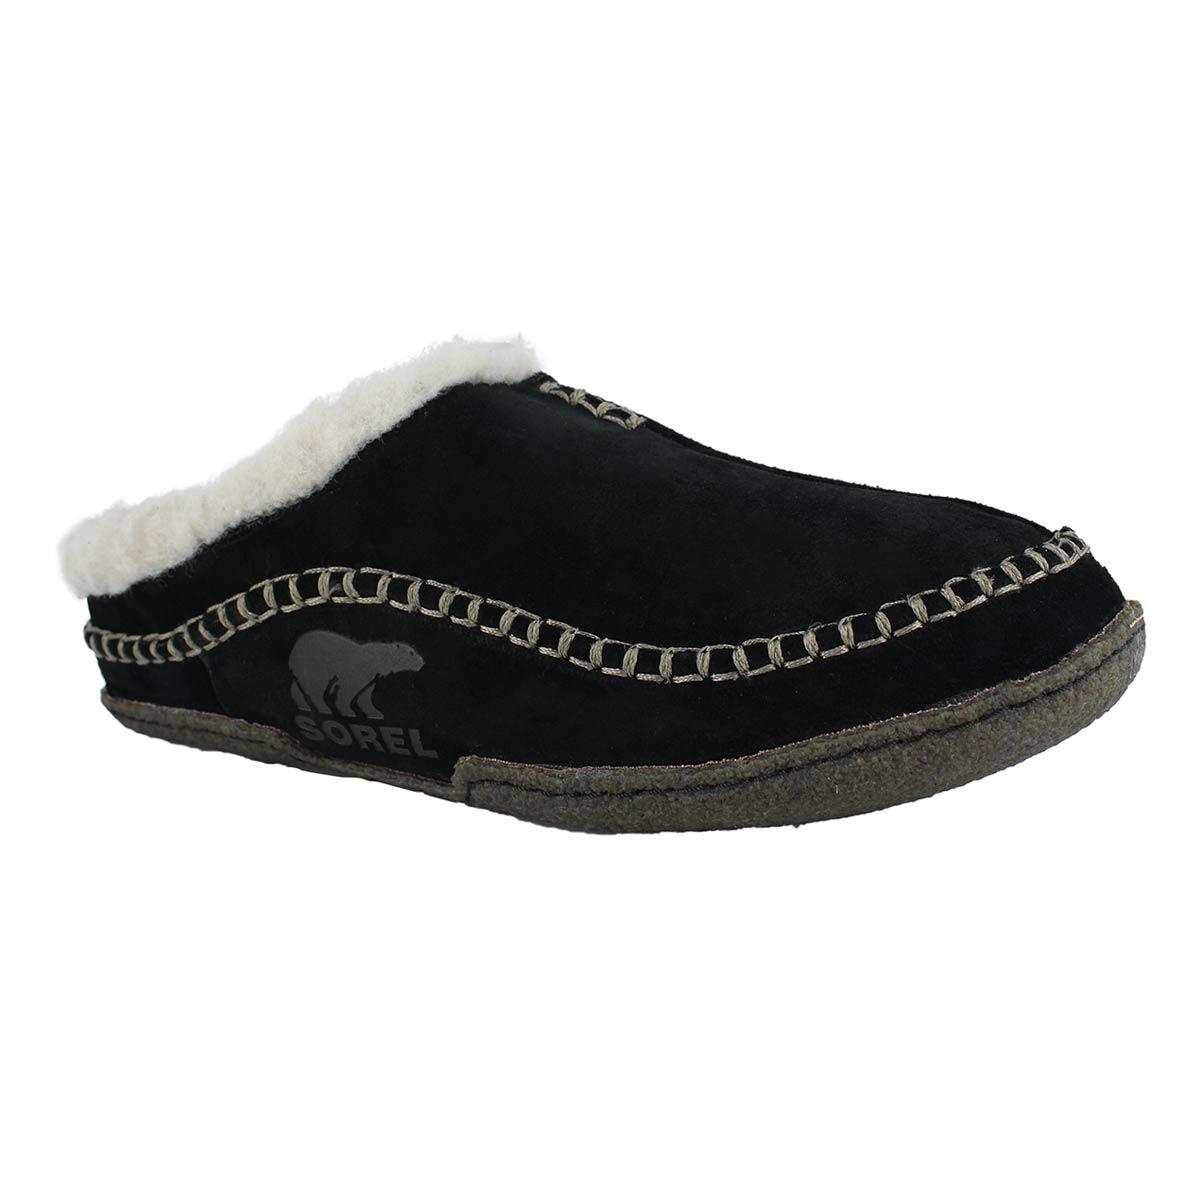 Mns Falcon Ridge blk/dk gry open slipper